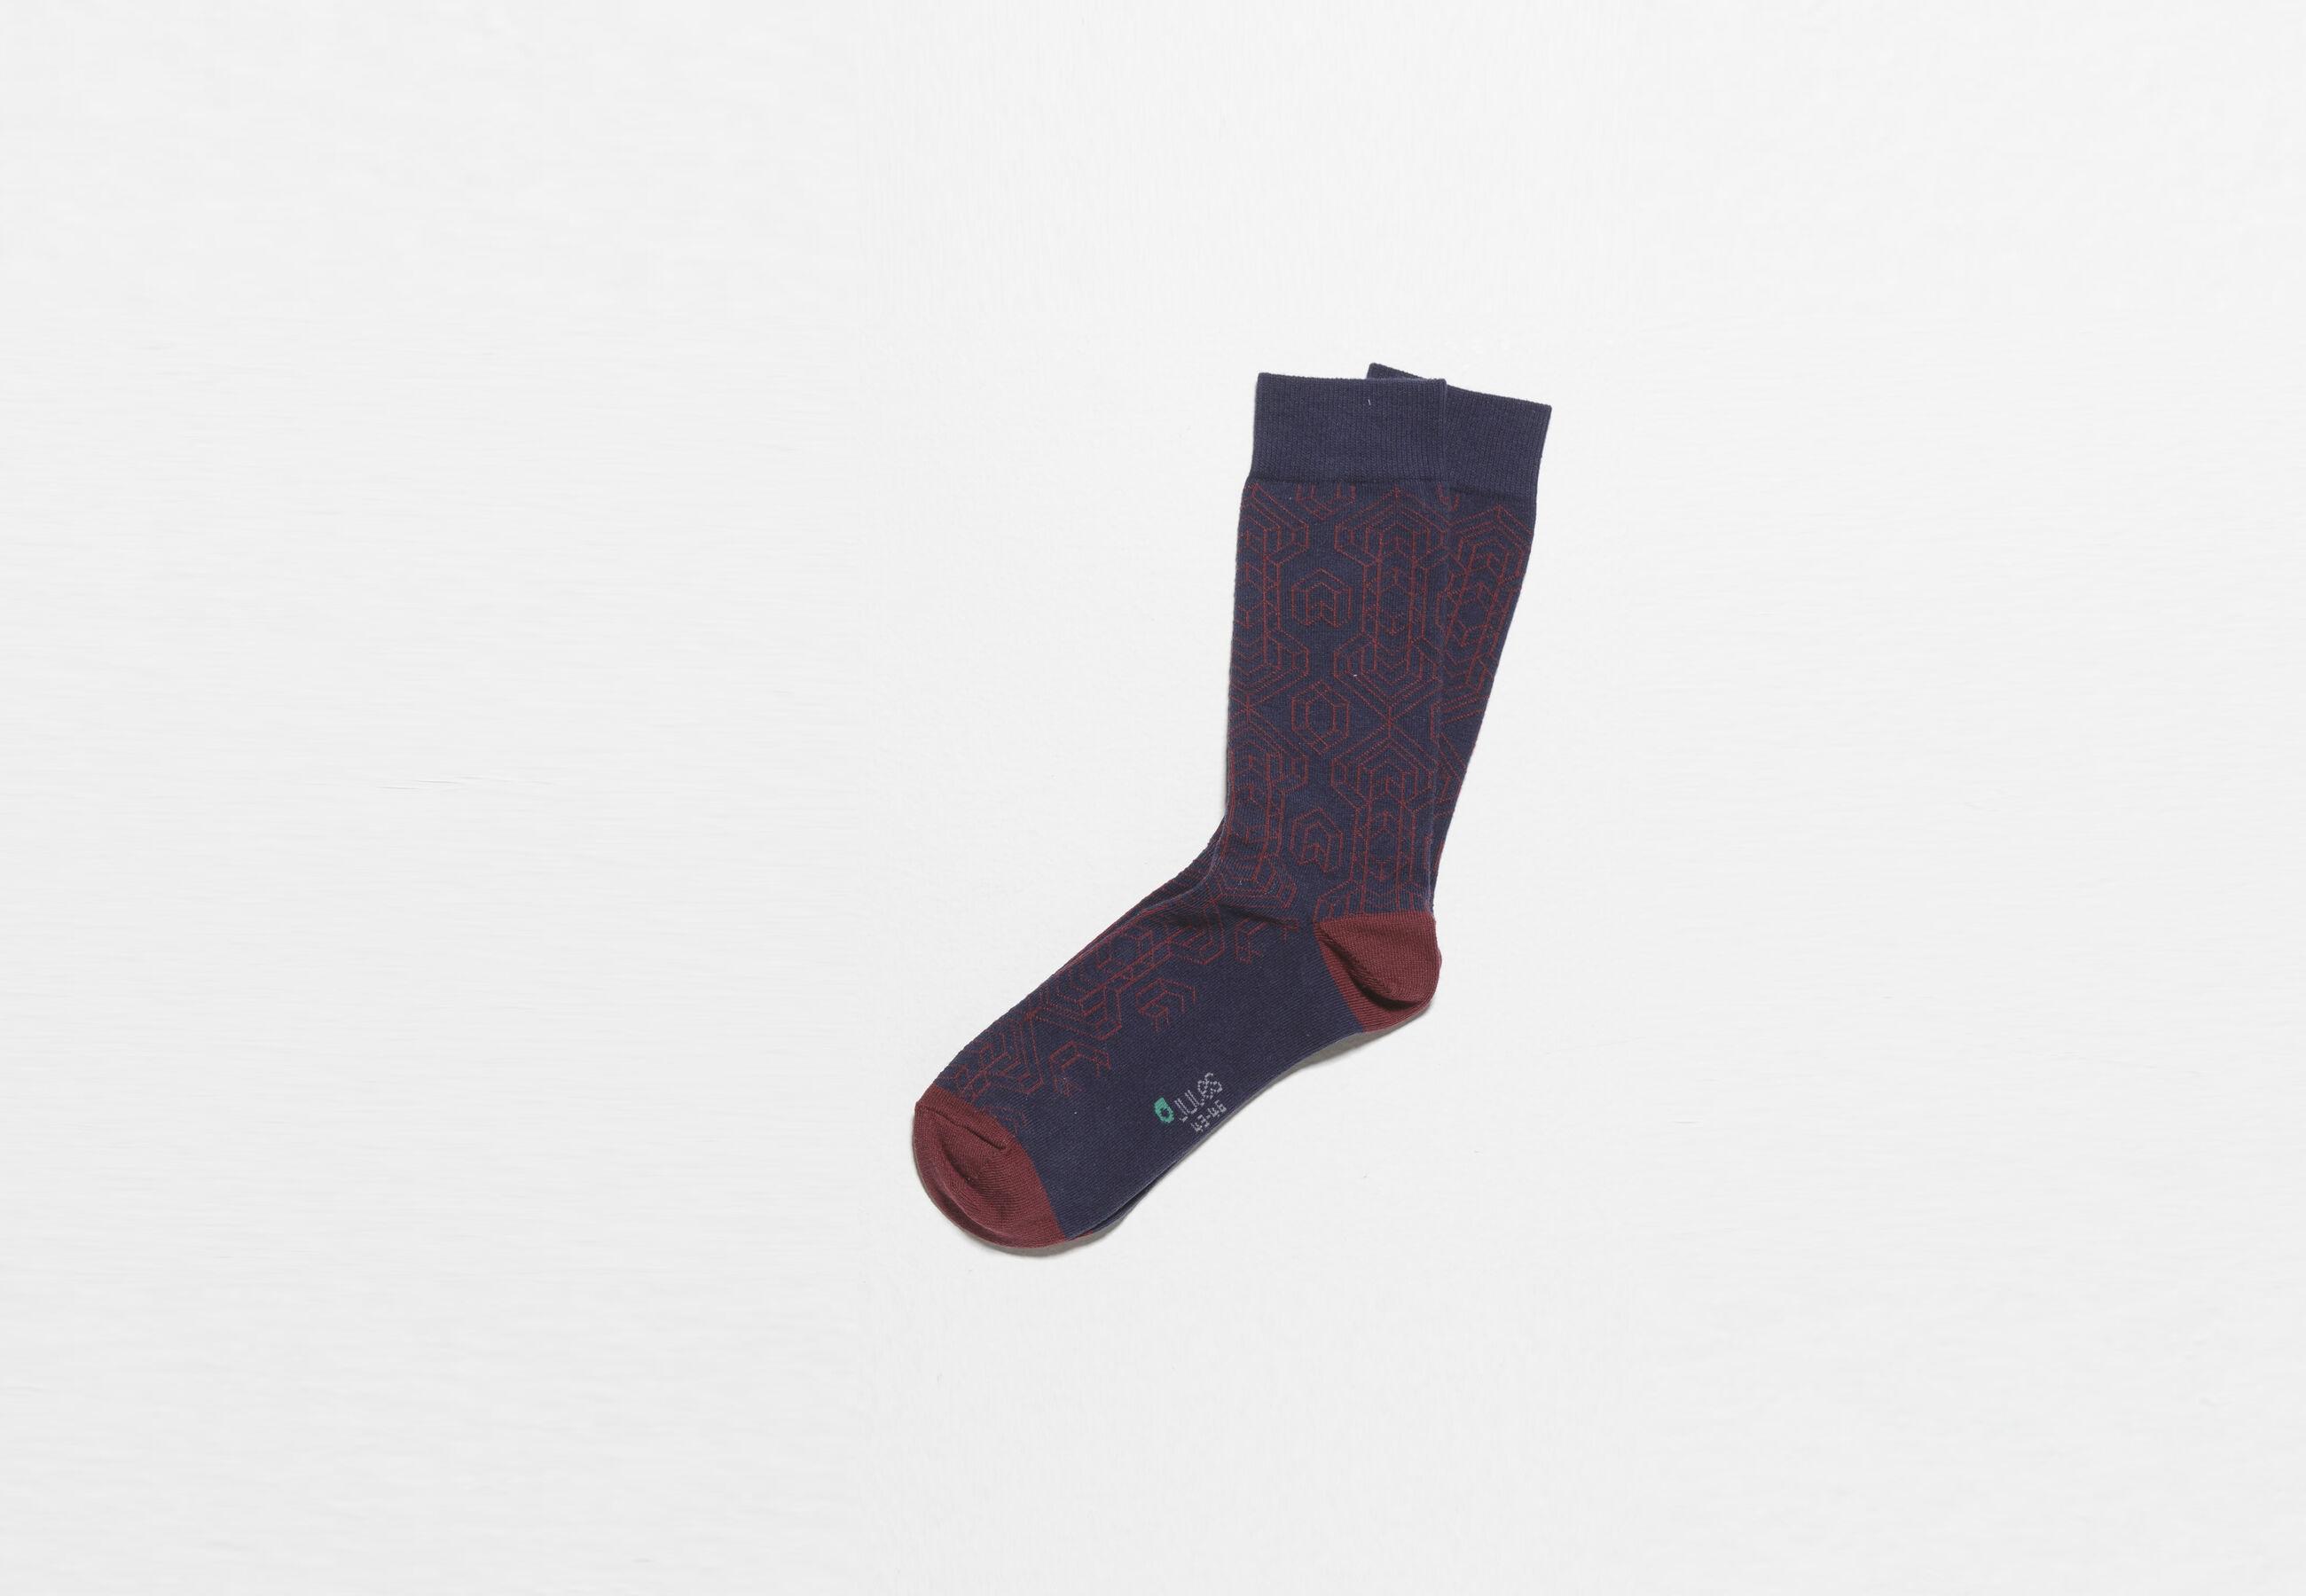 chaussettes unitaire graphique bordeau fantaisie homme jules. Black Bedroom Furniture Sets. Home Design Ideas